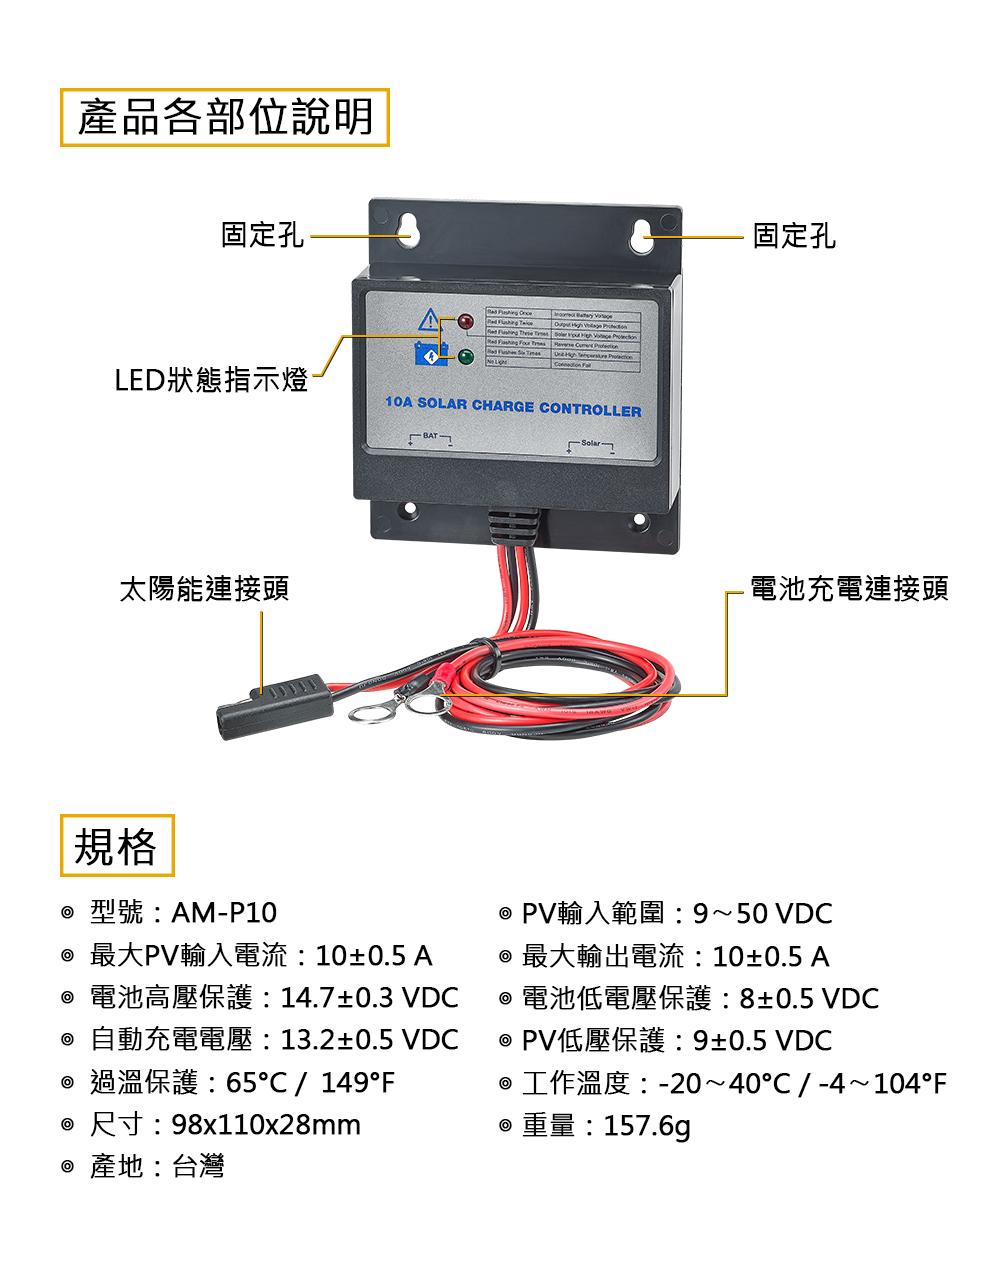 AUTOMAXX ★ AM-P10 10A太陽能充電控制器 商品規格